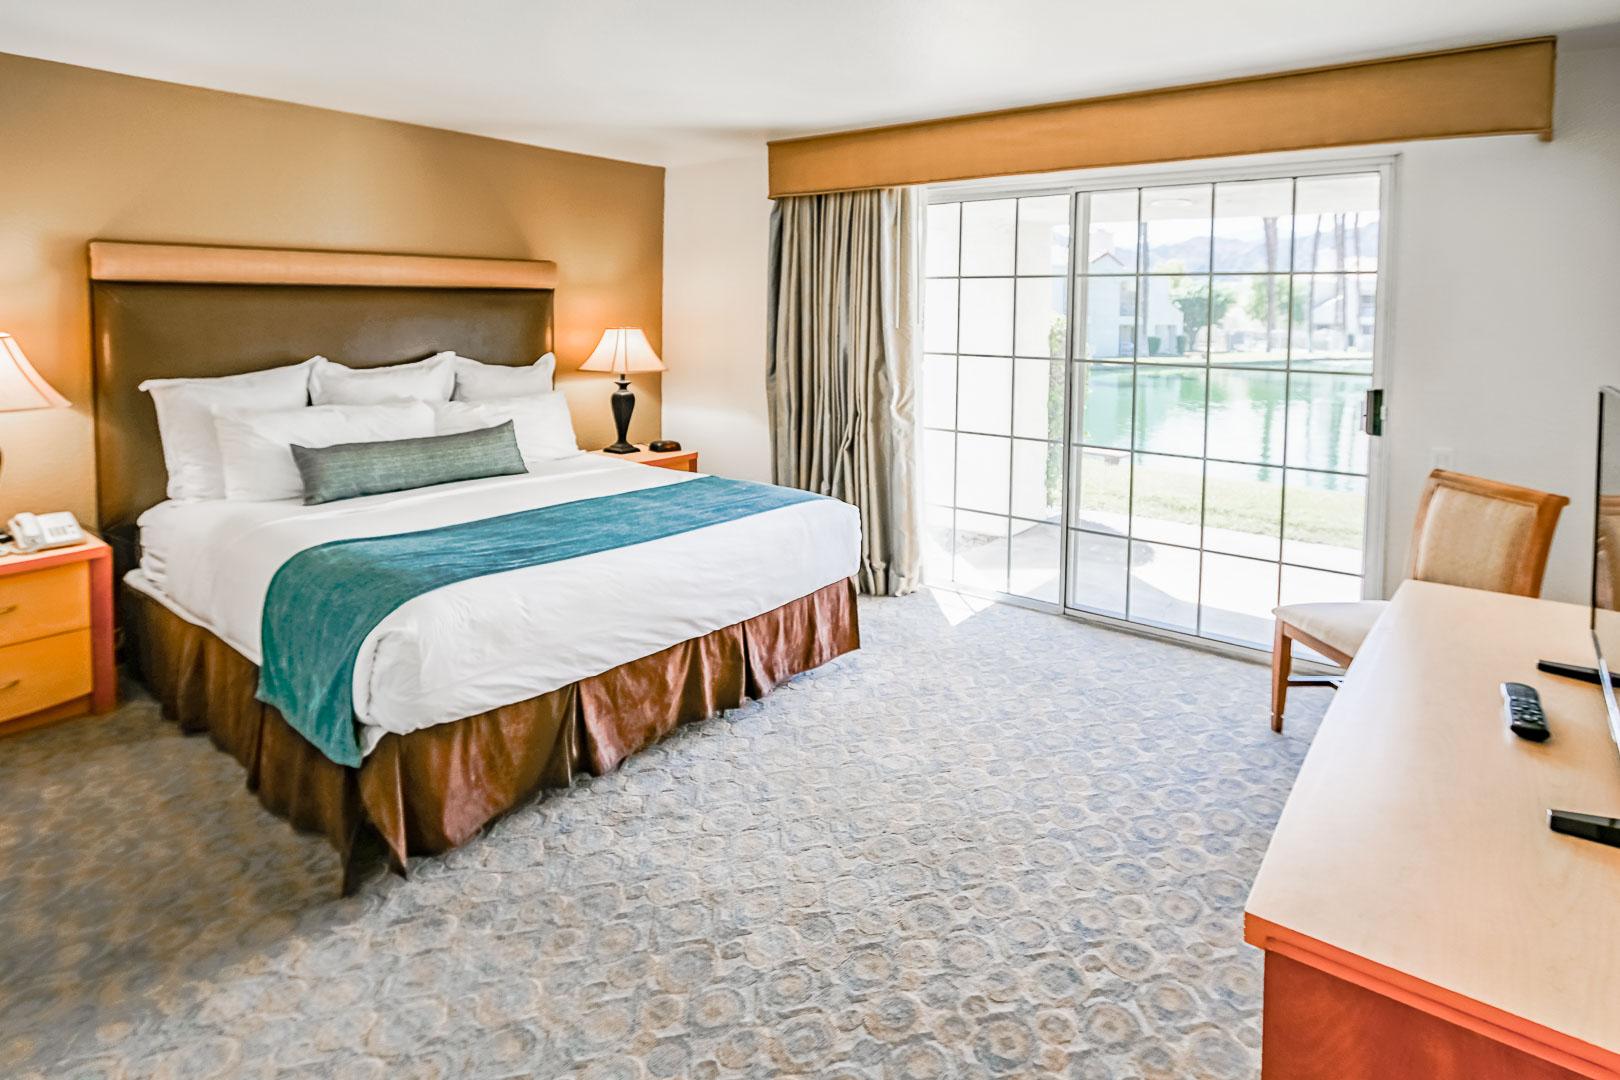 The lovely bedroom unit at VRI Americas' Desert Breezes Resort in California